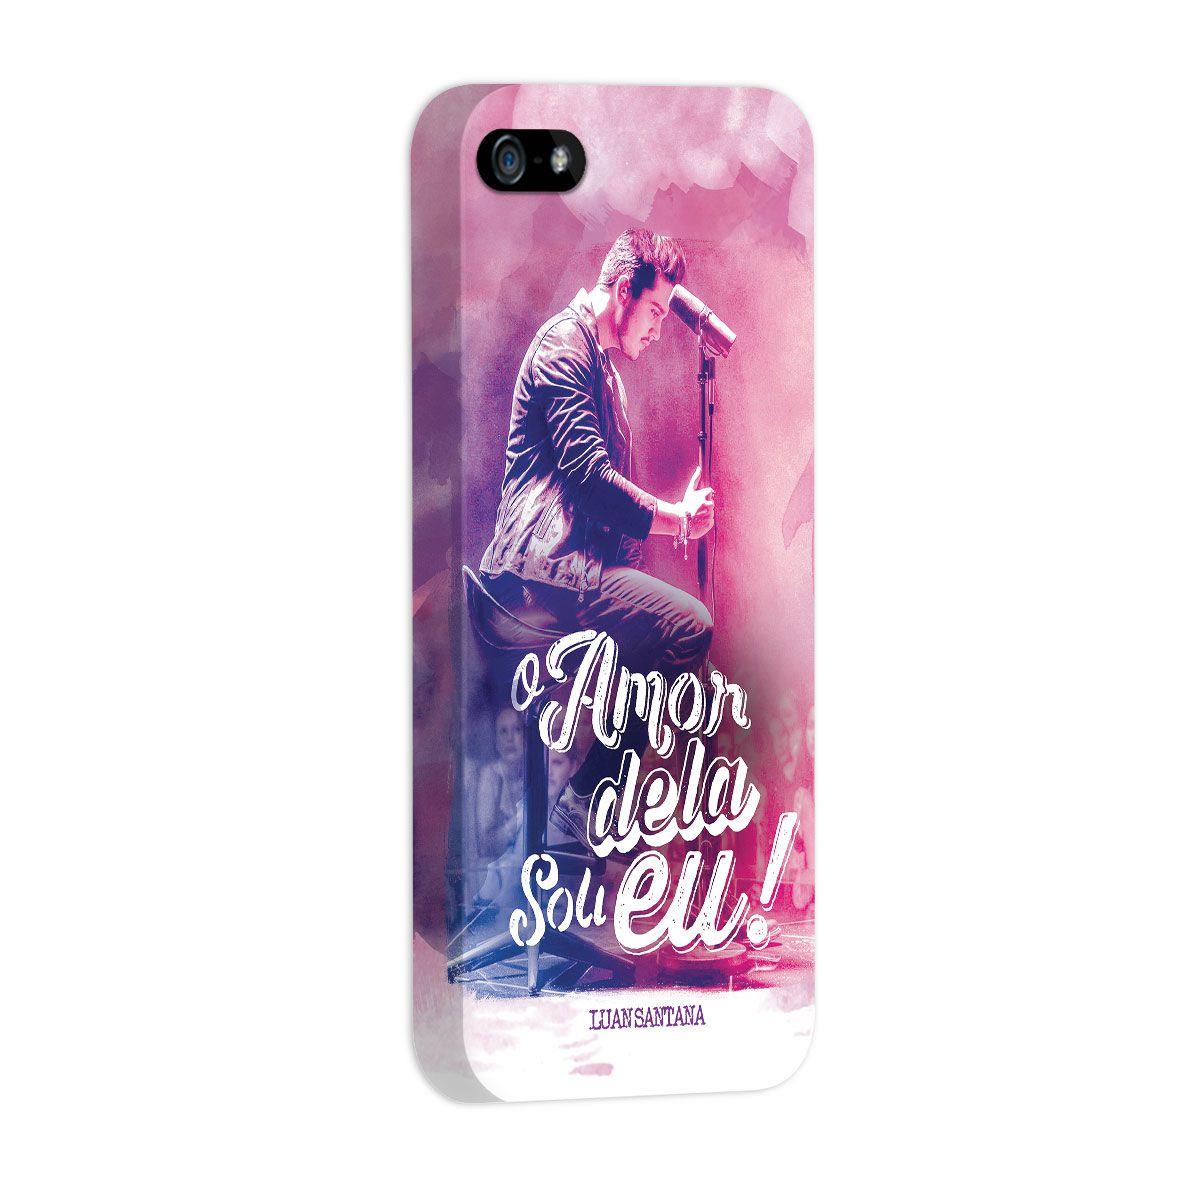 Capa para iPhone 5/5S Luan Santana O Amor Dela Sou Eu